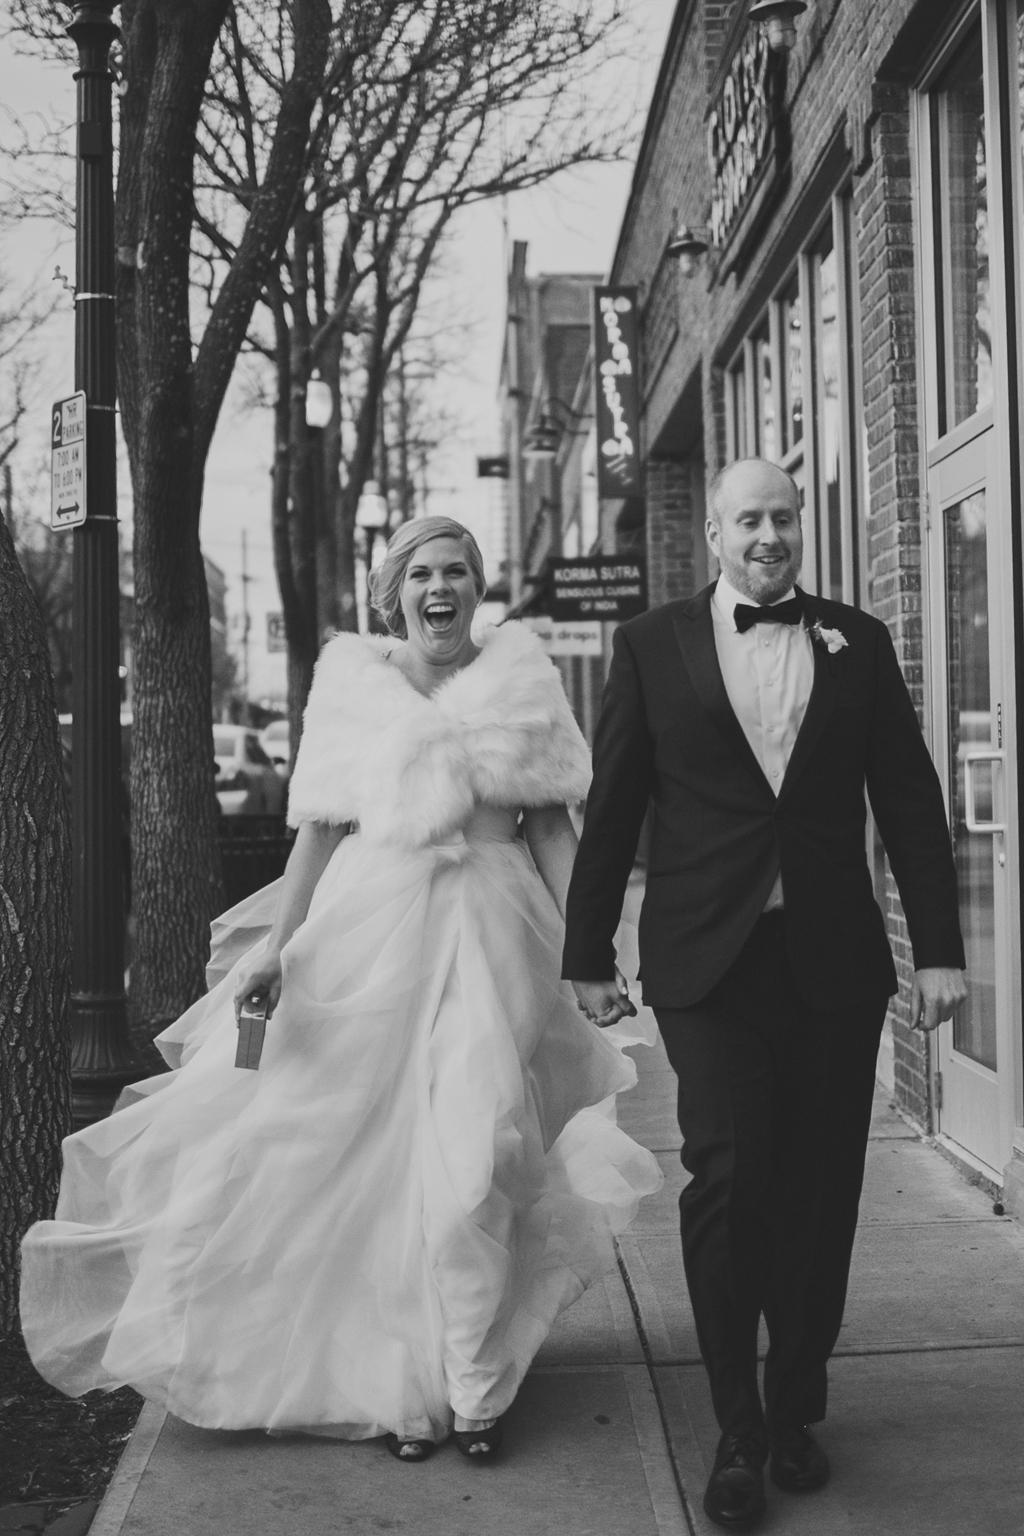 emilie-toby-new-years-wedding-1.jpg